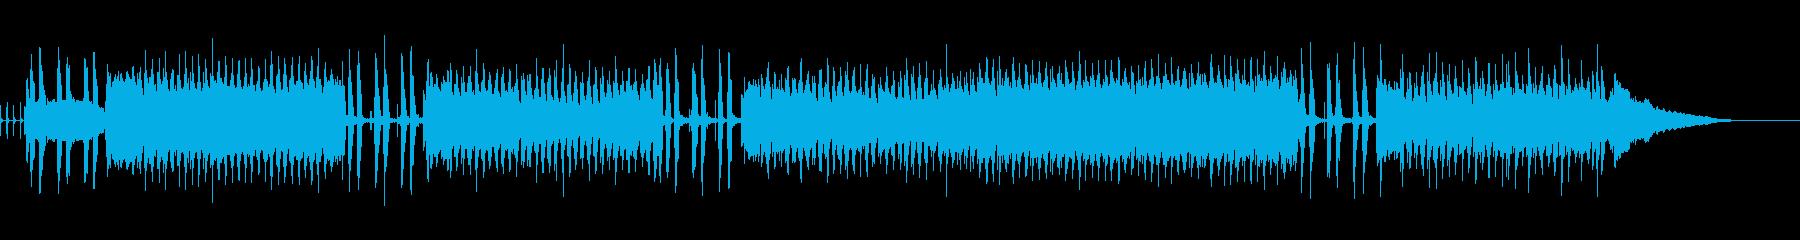 スライド!!の再生済みの波形